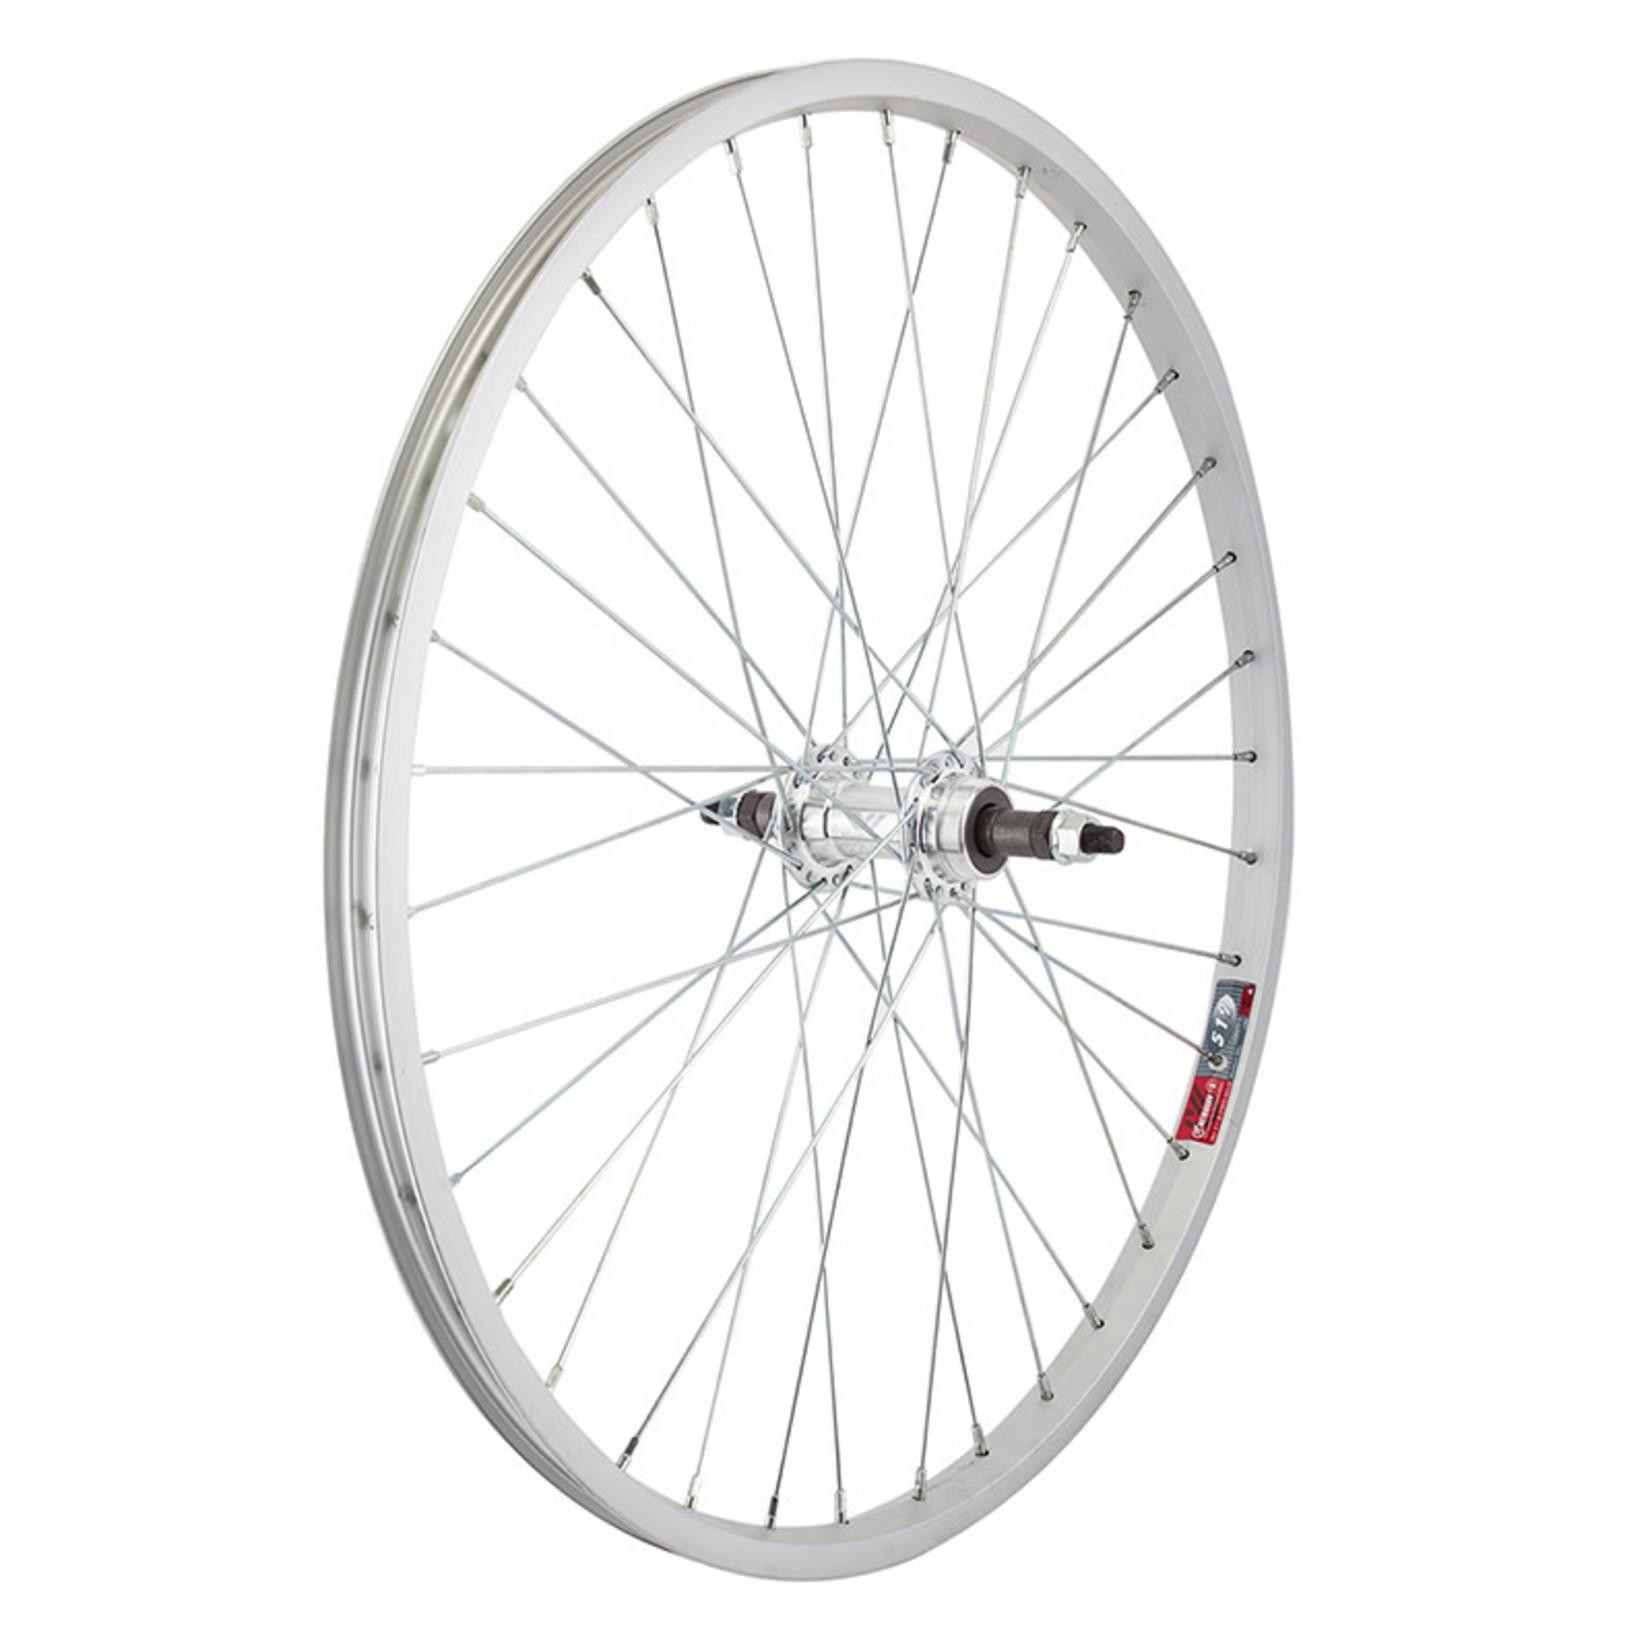 """24"""" Rear Wheel Alloy Mountain Single Wall FW BO 3/8 135mm 14g Silver"""